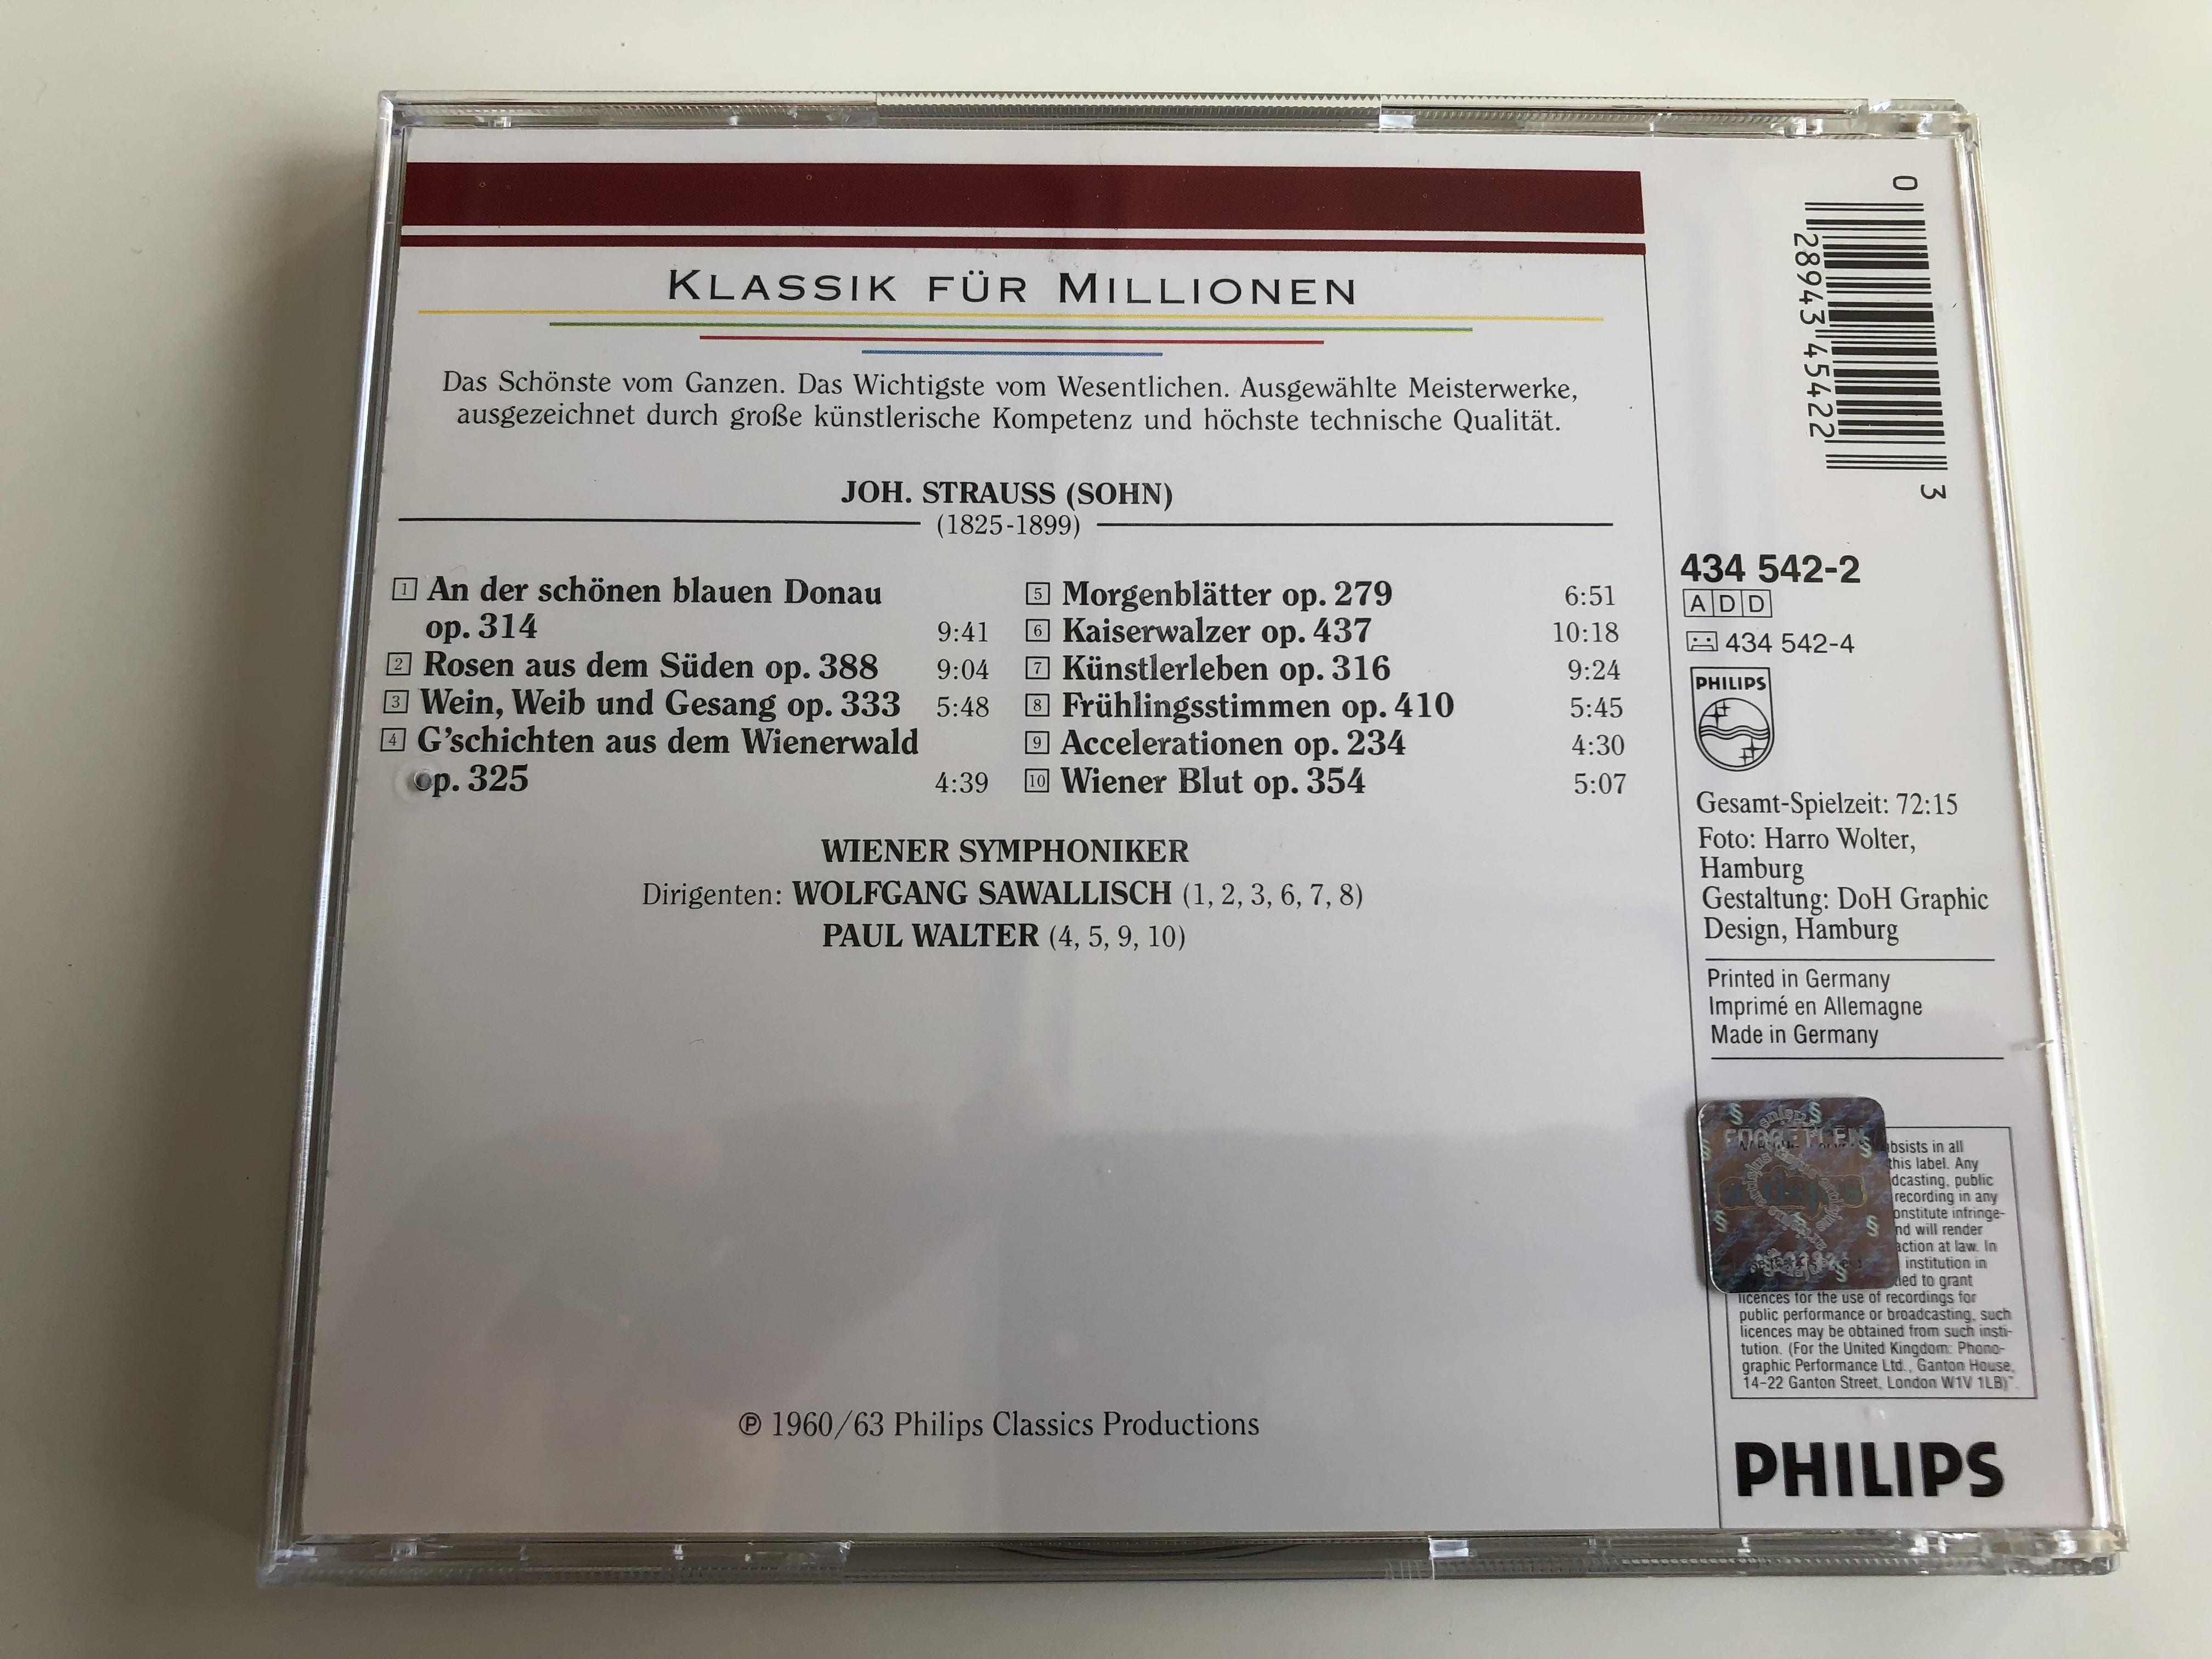 joh.-strauss-walzer-an-der-sch-nen-blauen-donau-kaiserwalzer-rosen-aus-dem-s-den-wiener-blut-fr-hlingsstimmen-u.a.-wiener-symphoniker-wolfgang-sawallisch-philips-classics-audio-cd-ster-4-.jpg